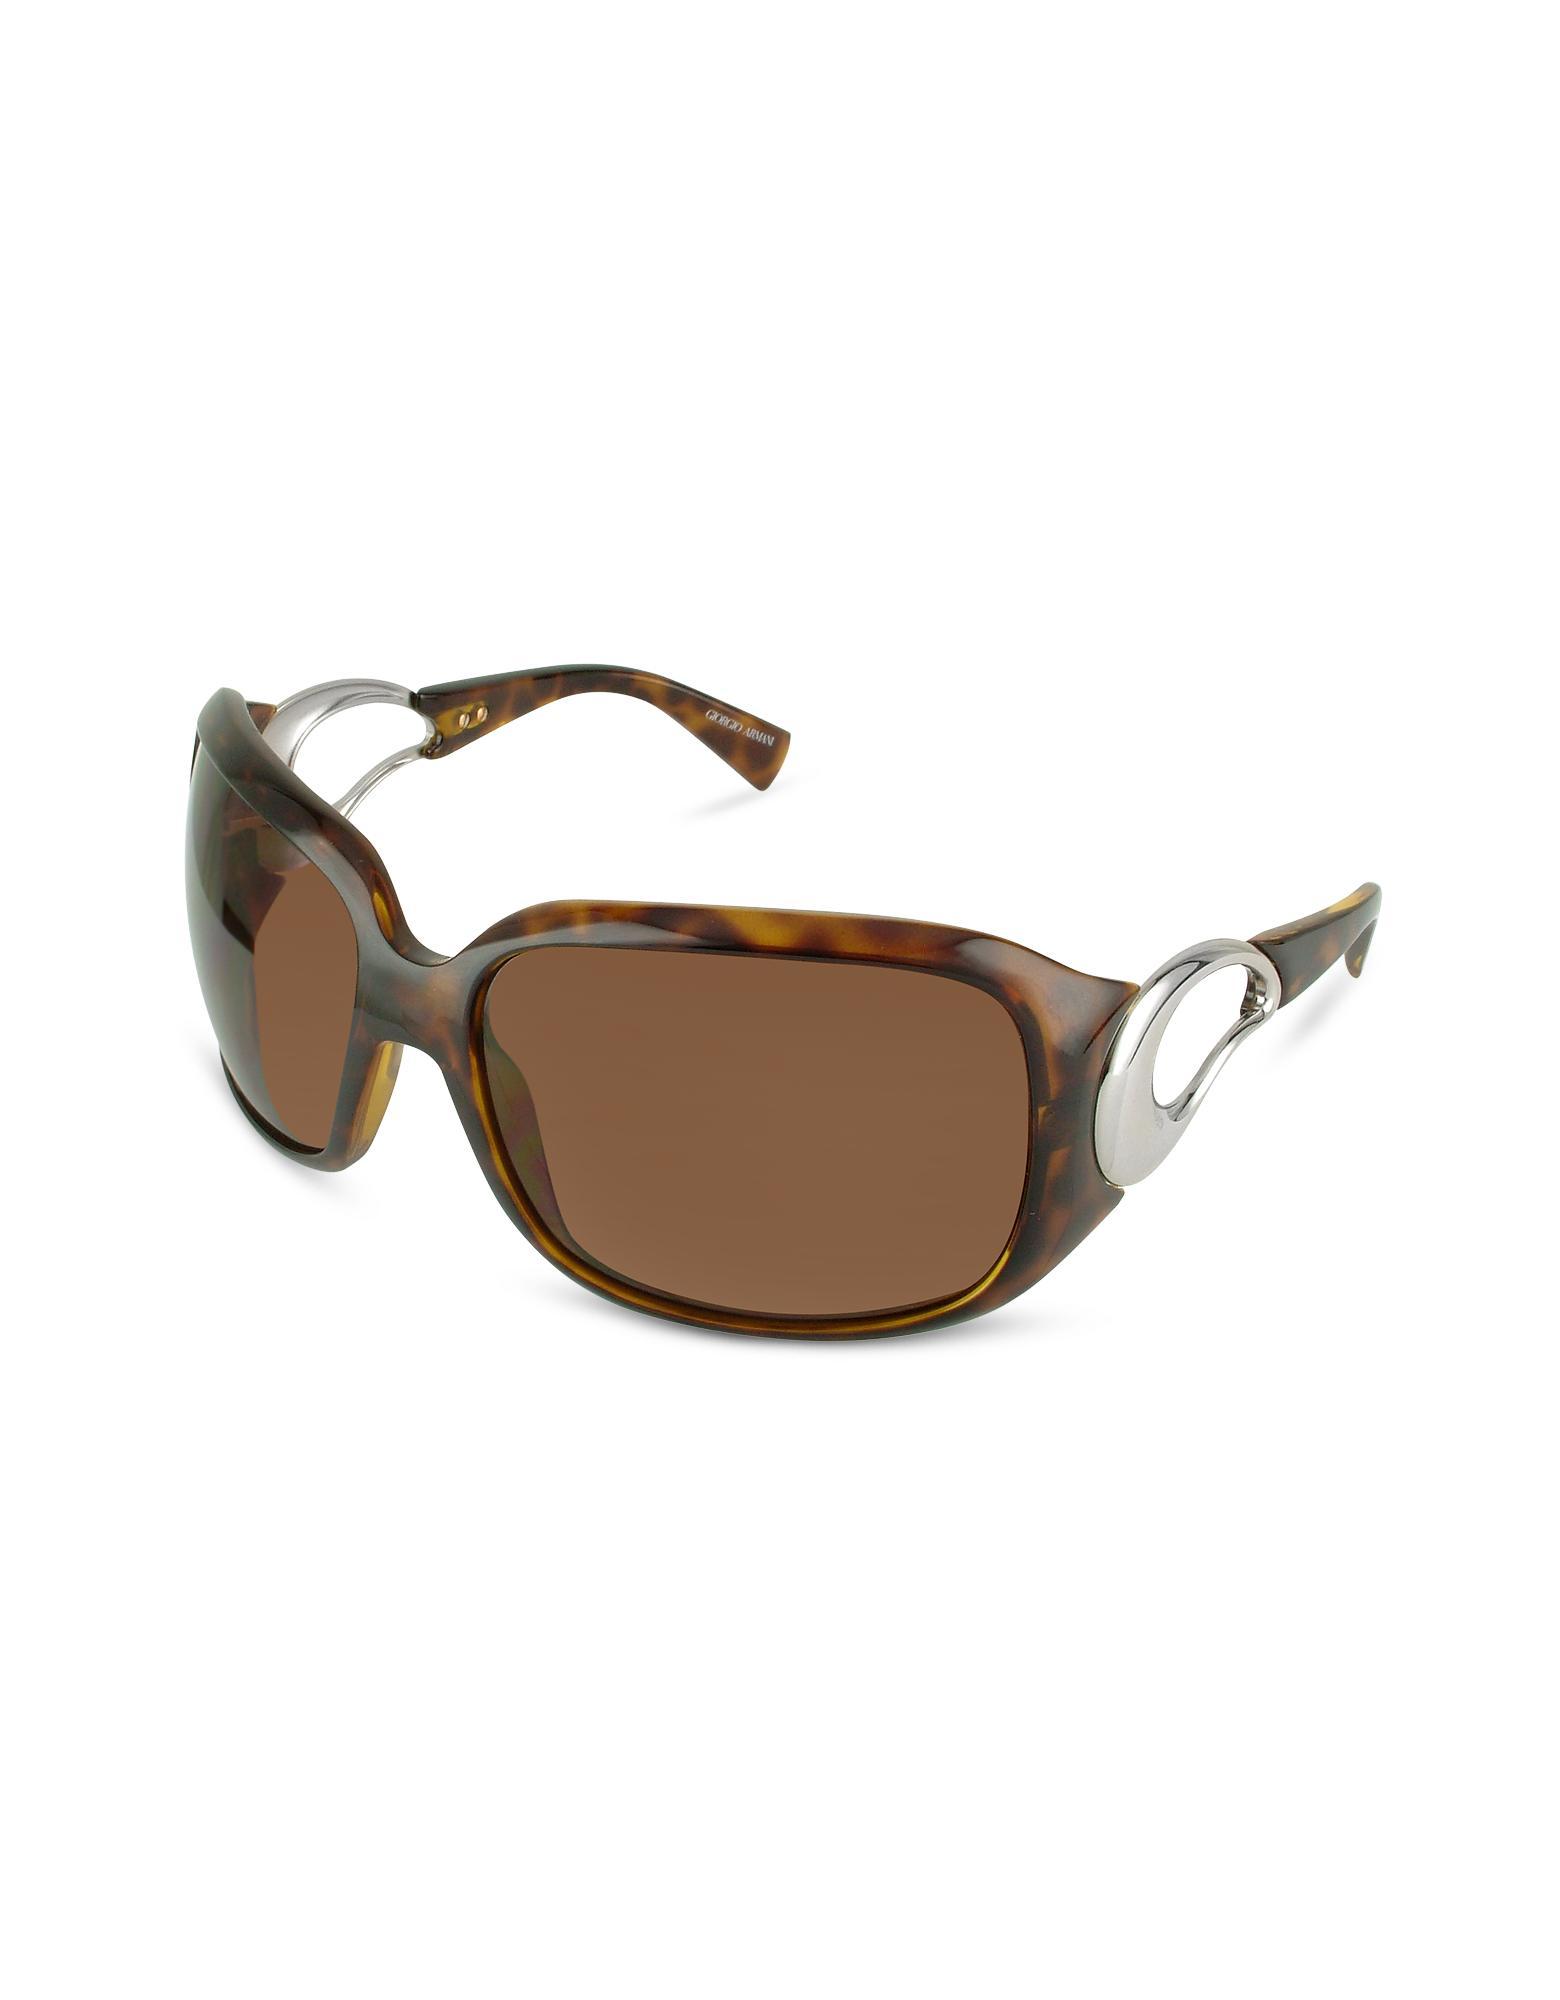 Giorgio Armani  Signature Cutout Temple Sunglasses